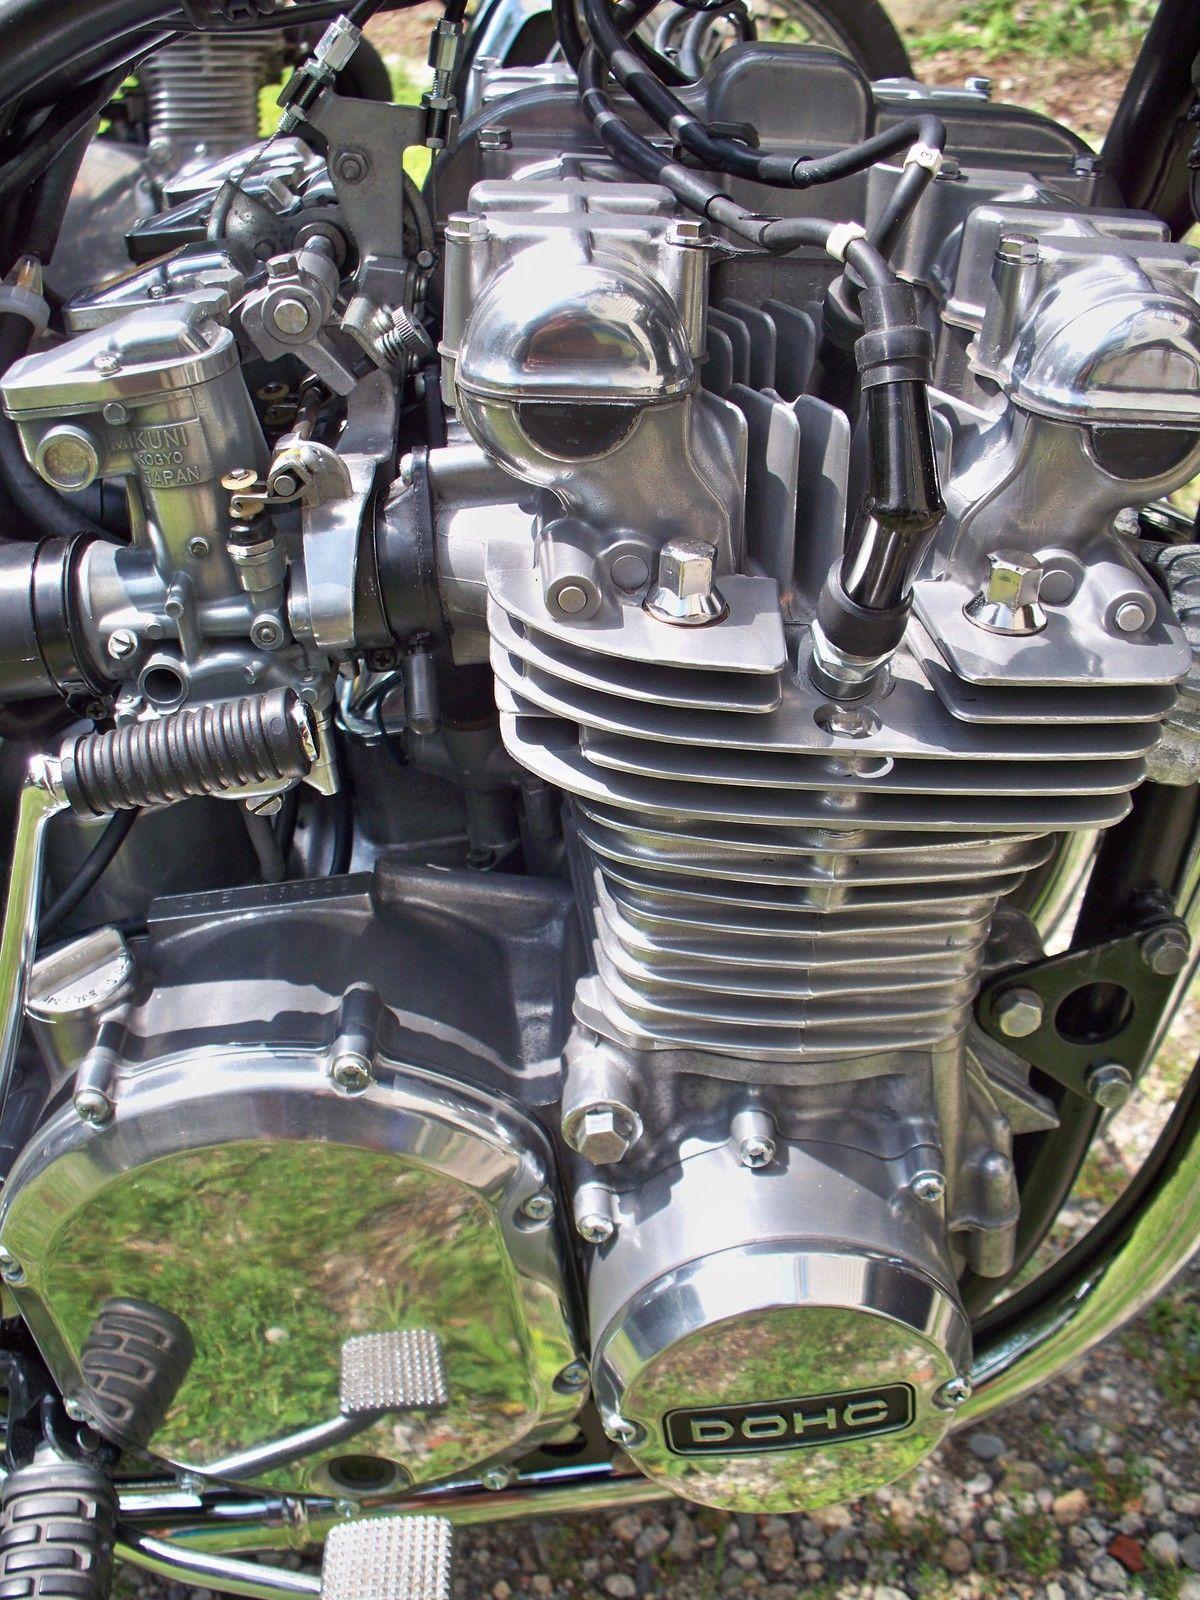 Kawasaki Other | eBay | 1975 Kawasaki Z1b 900cc | Pinterest | Engine